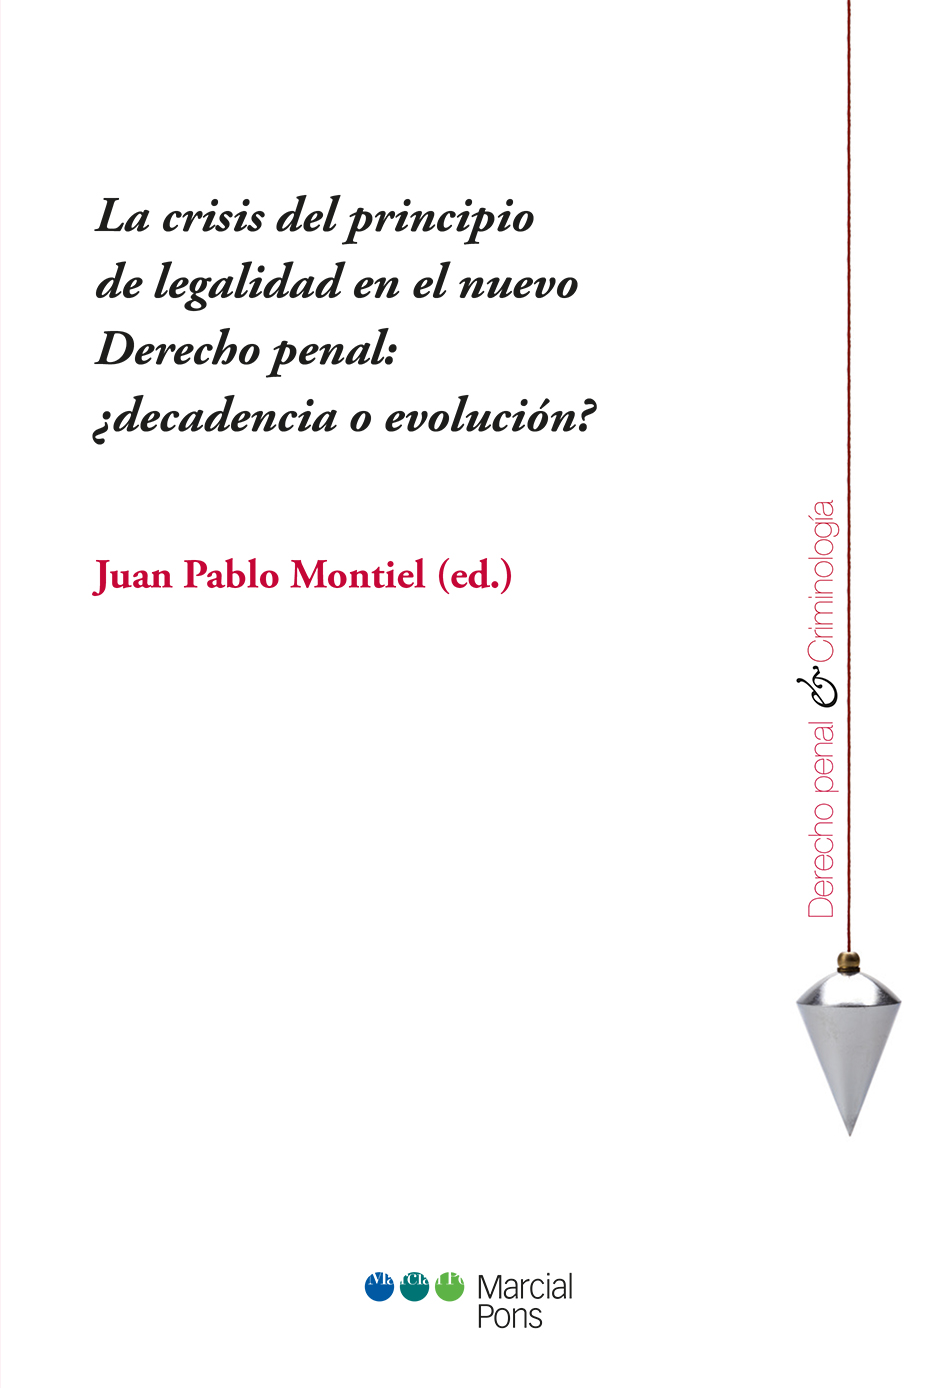 Portada del libro La crisis del principio de legalidad en el nuevo Derecho penal